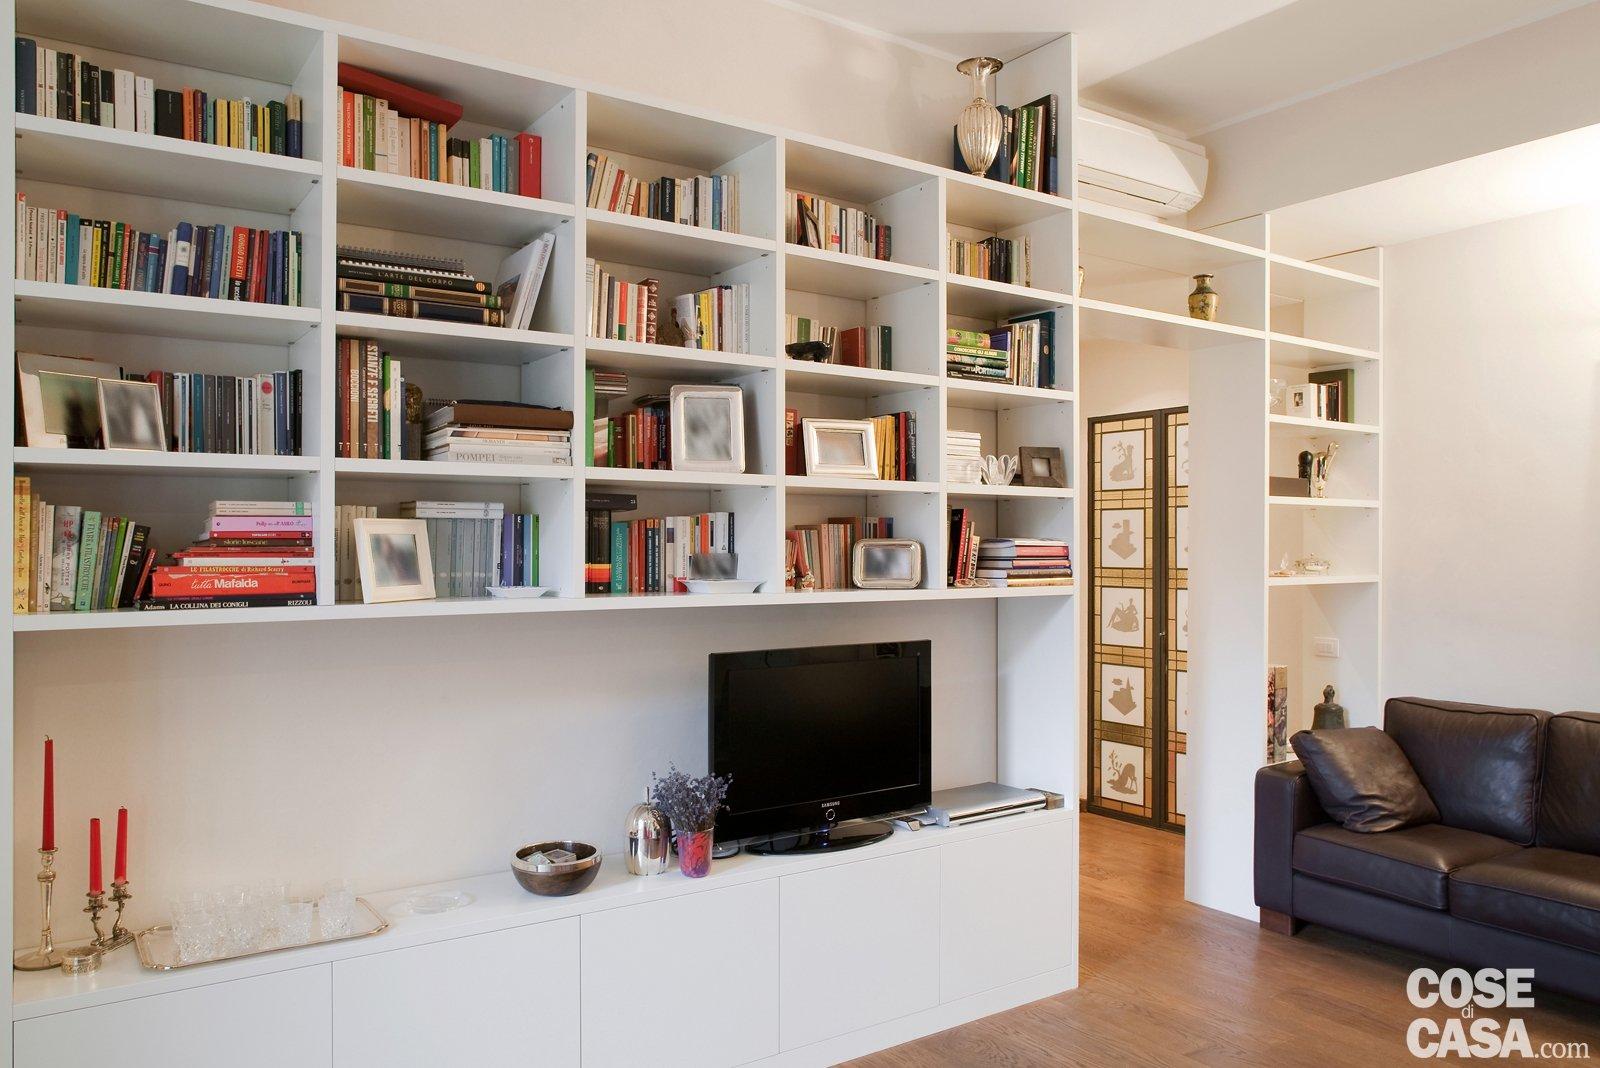 La libreria con i passaggi cose di casa - Immagini di casa ...